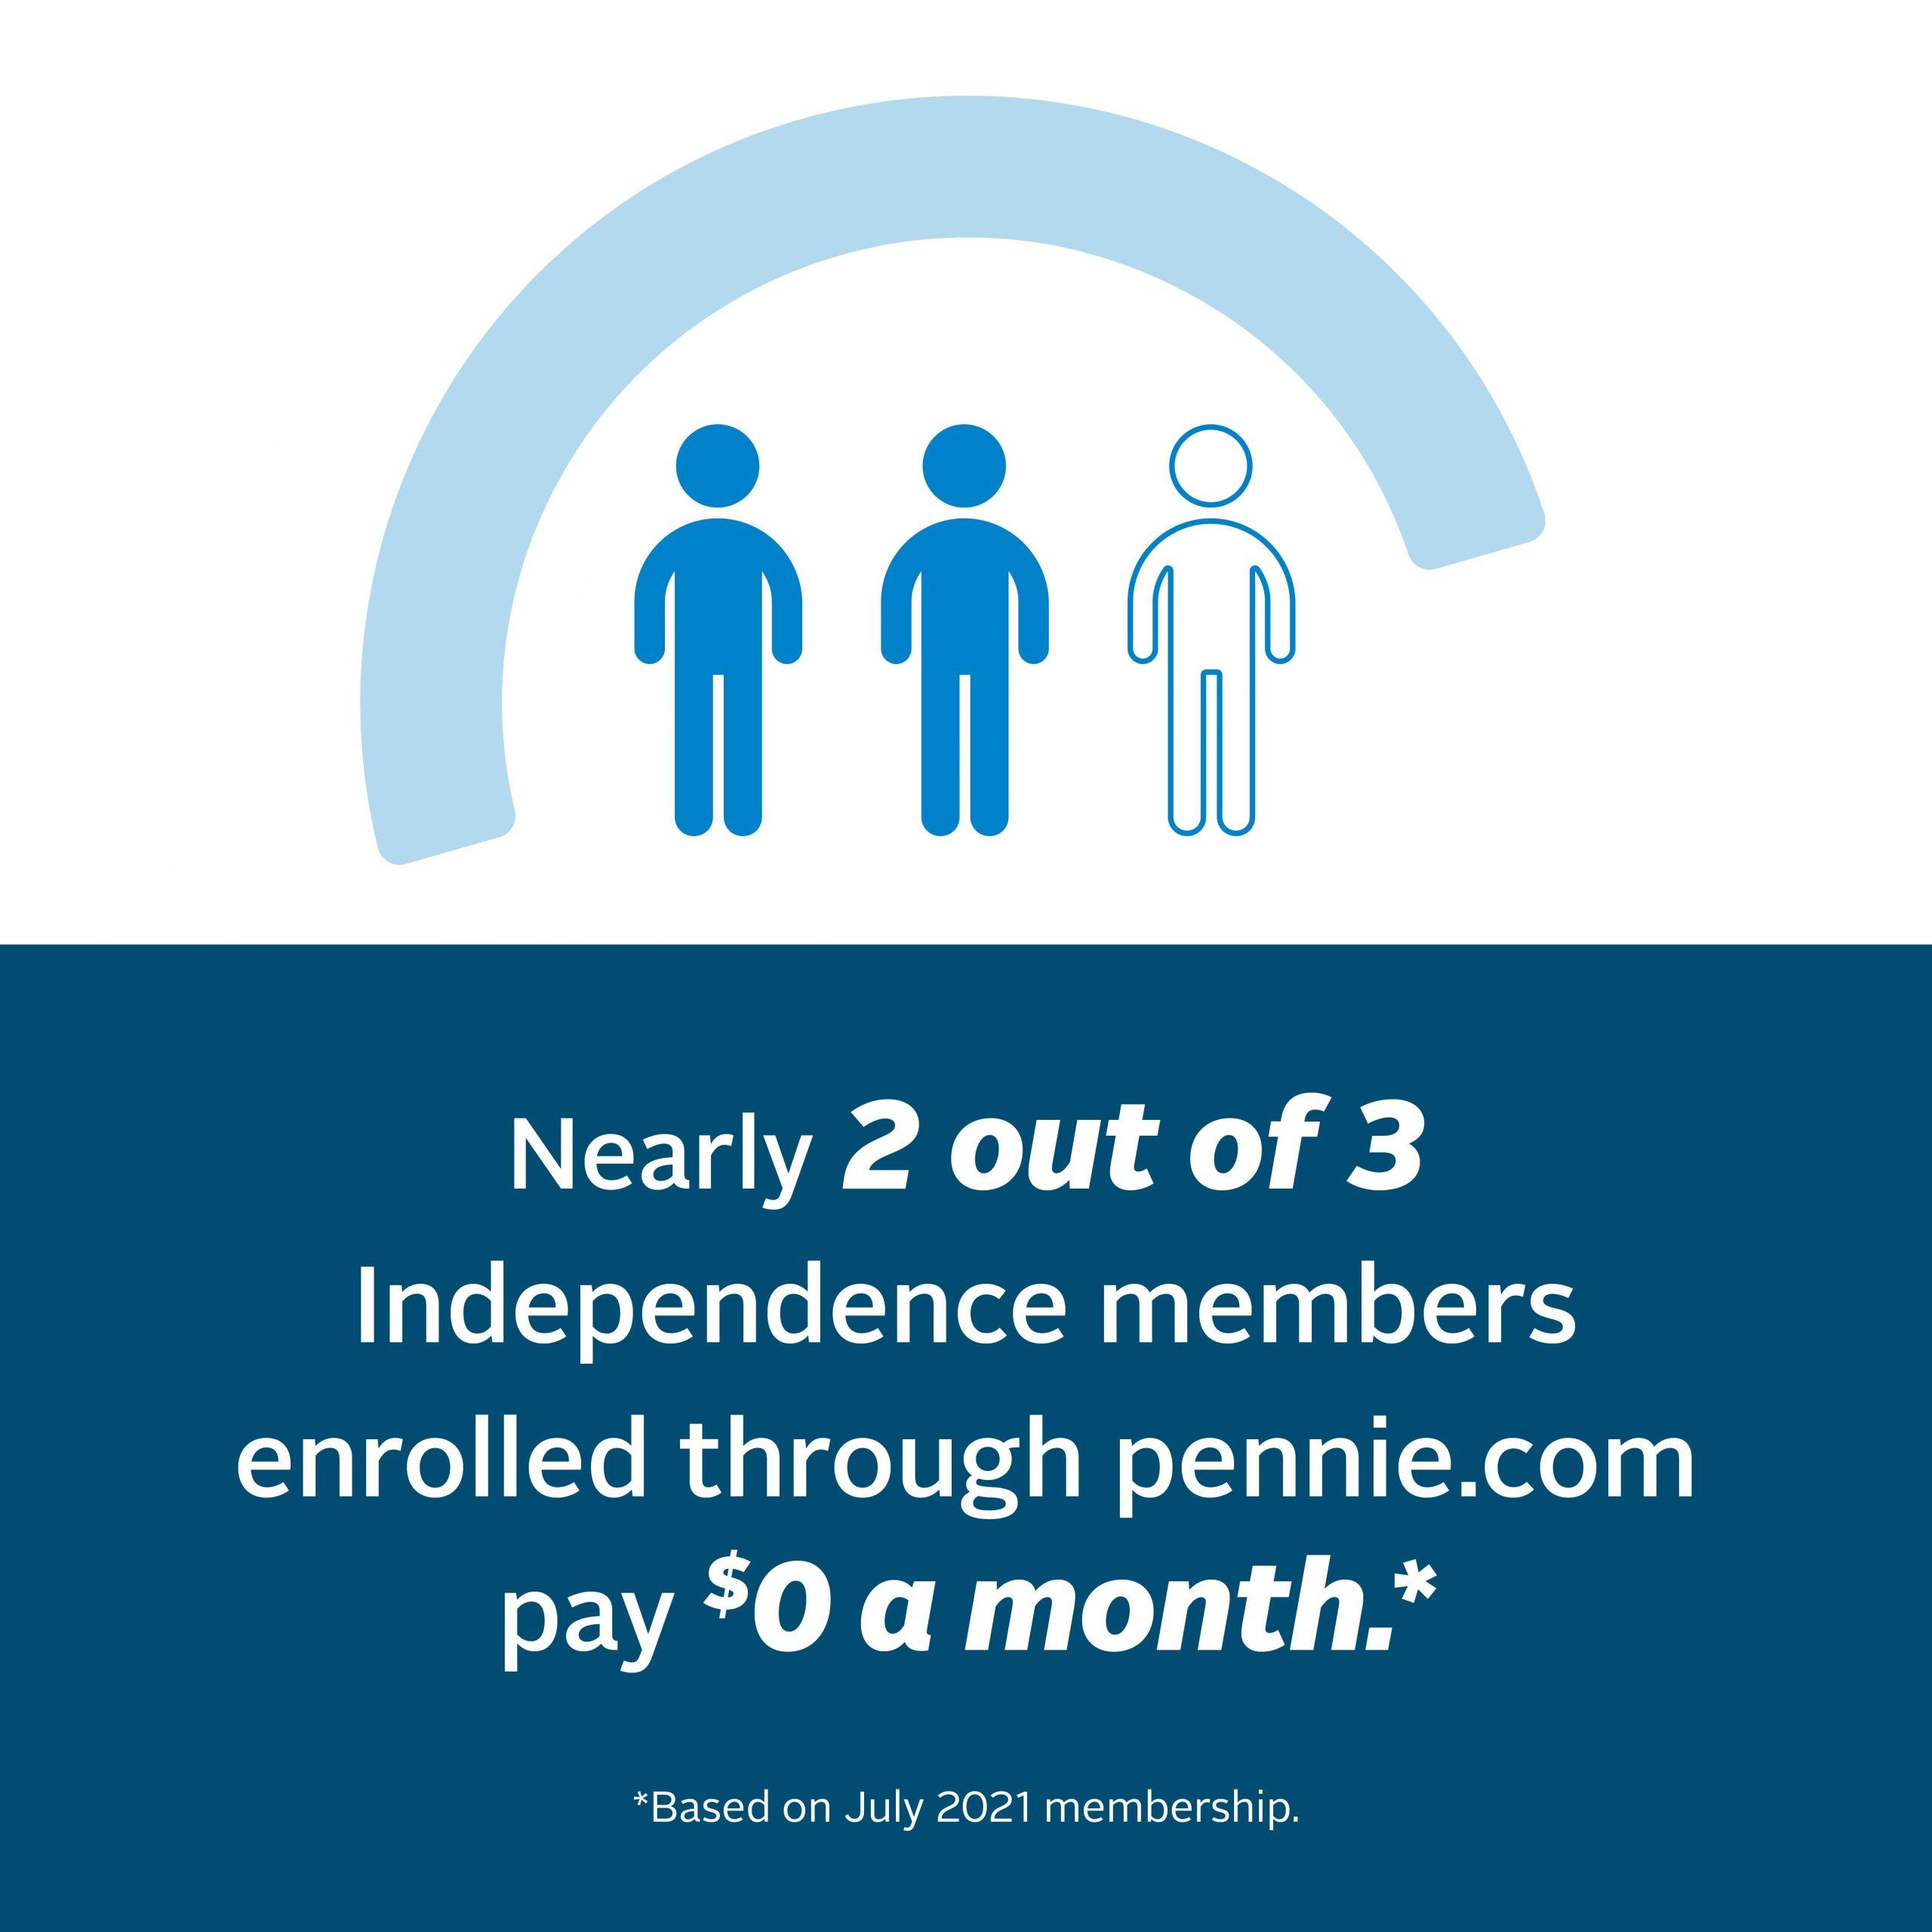 Pennie.com stat